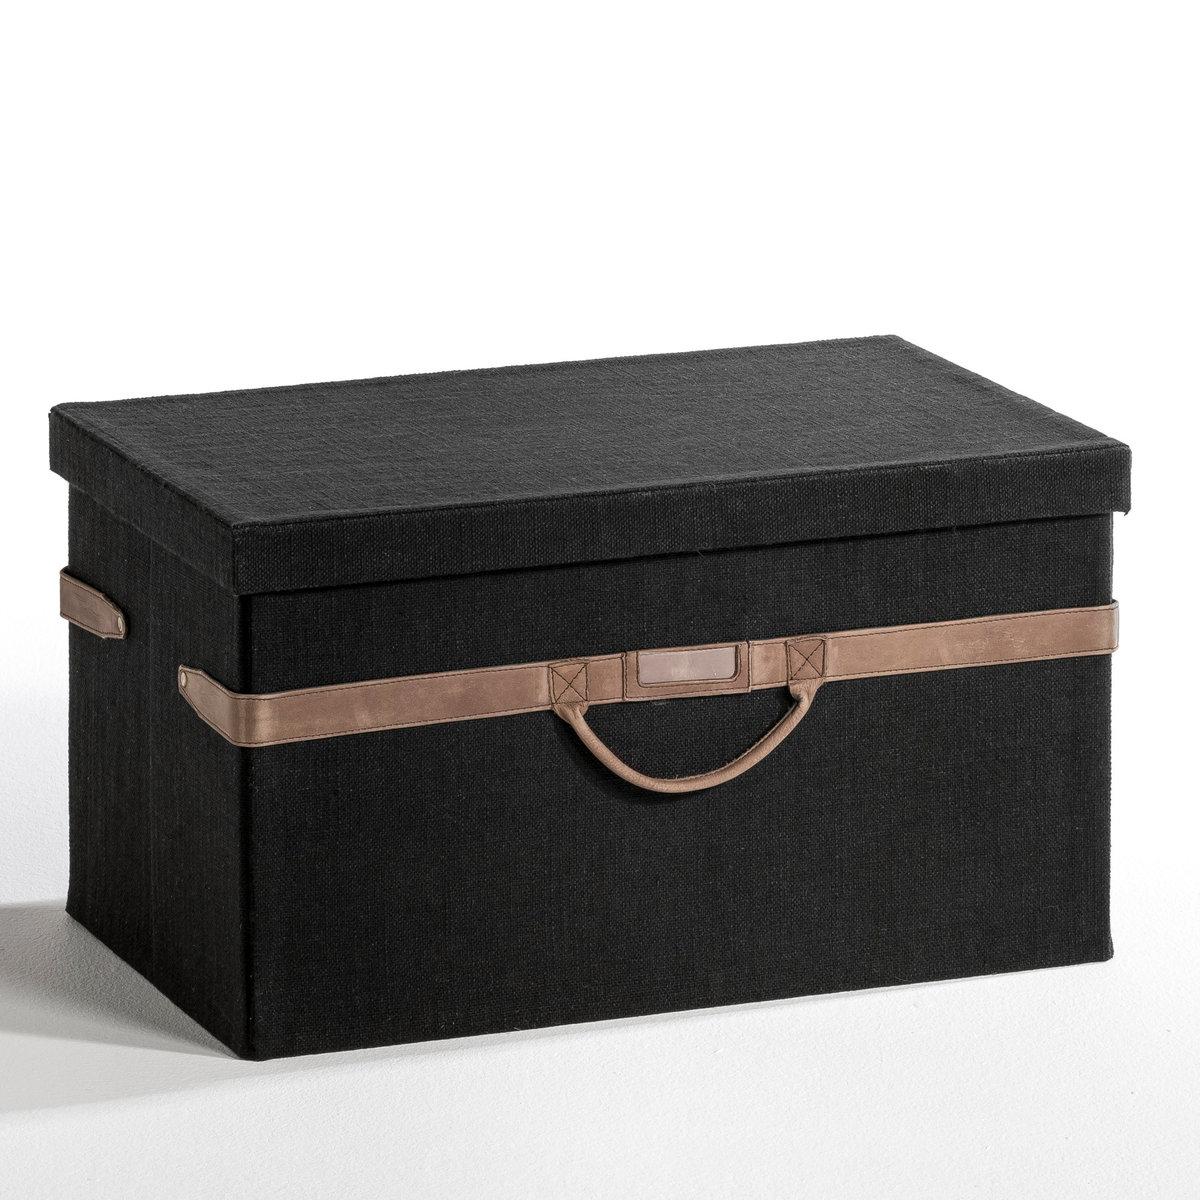 Ящик для хранения KYRIELНезаменимы для поддержания порядка в гардеробе, идеальны для хранения любых видов одежды и аксессуаров (носков, нижнего белья,     поясов, платков, ...). Из ажурной льняной ткани чёрного или бежевого цвета с отделкой из коричневой кожи . Для самостоятельной сборки. Размеры: 54 x 34 x 31  см.<br><br>Цвет: серый